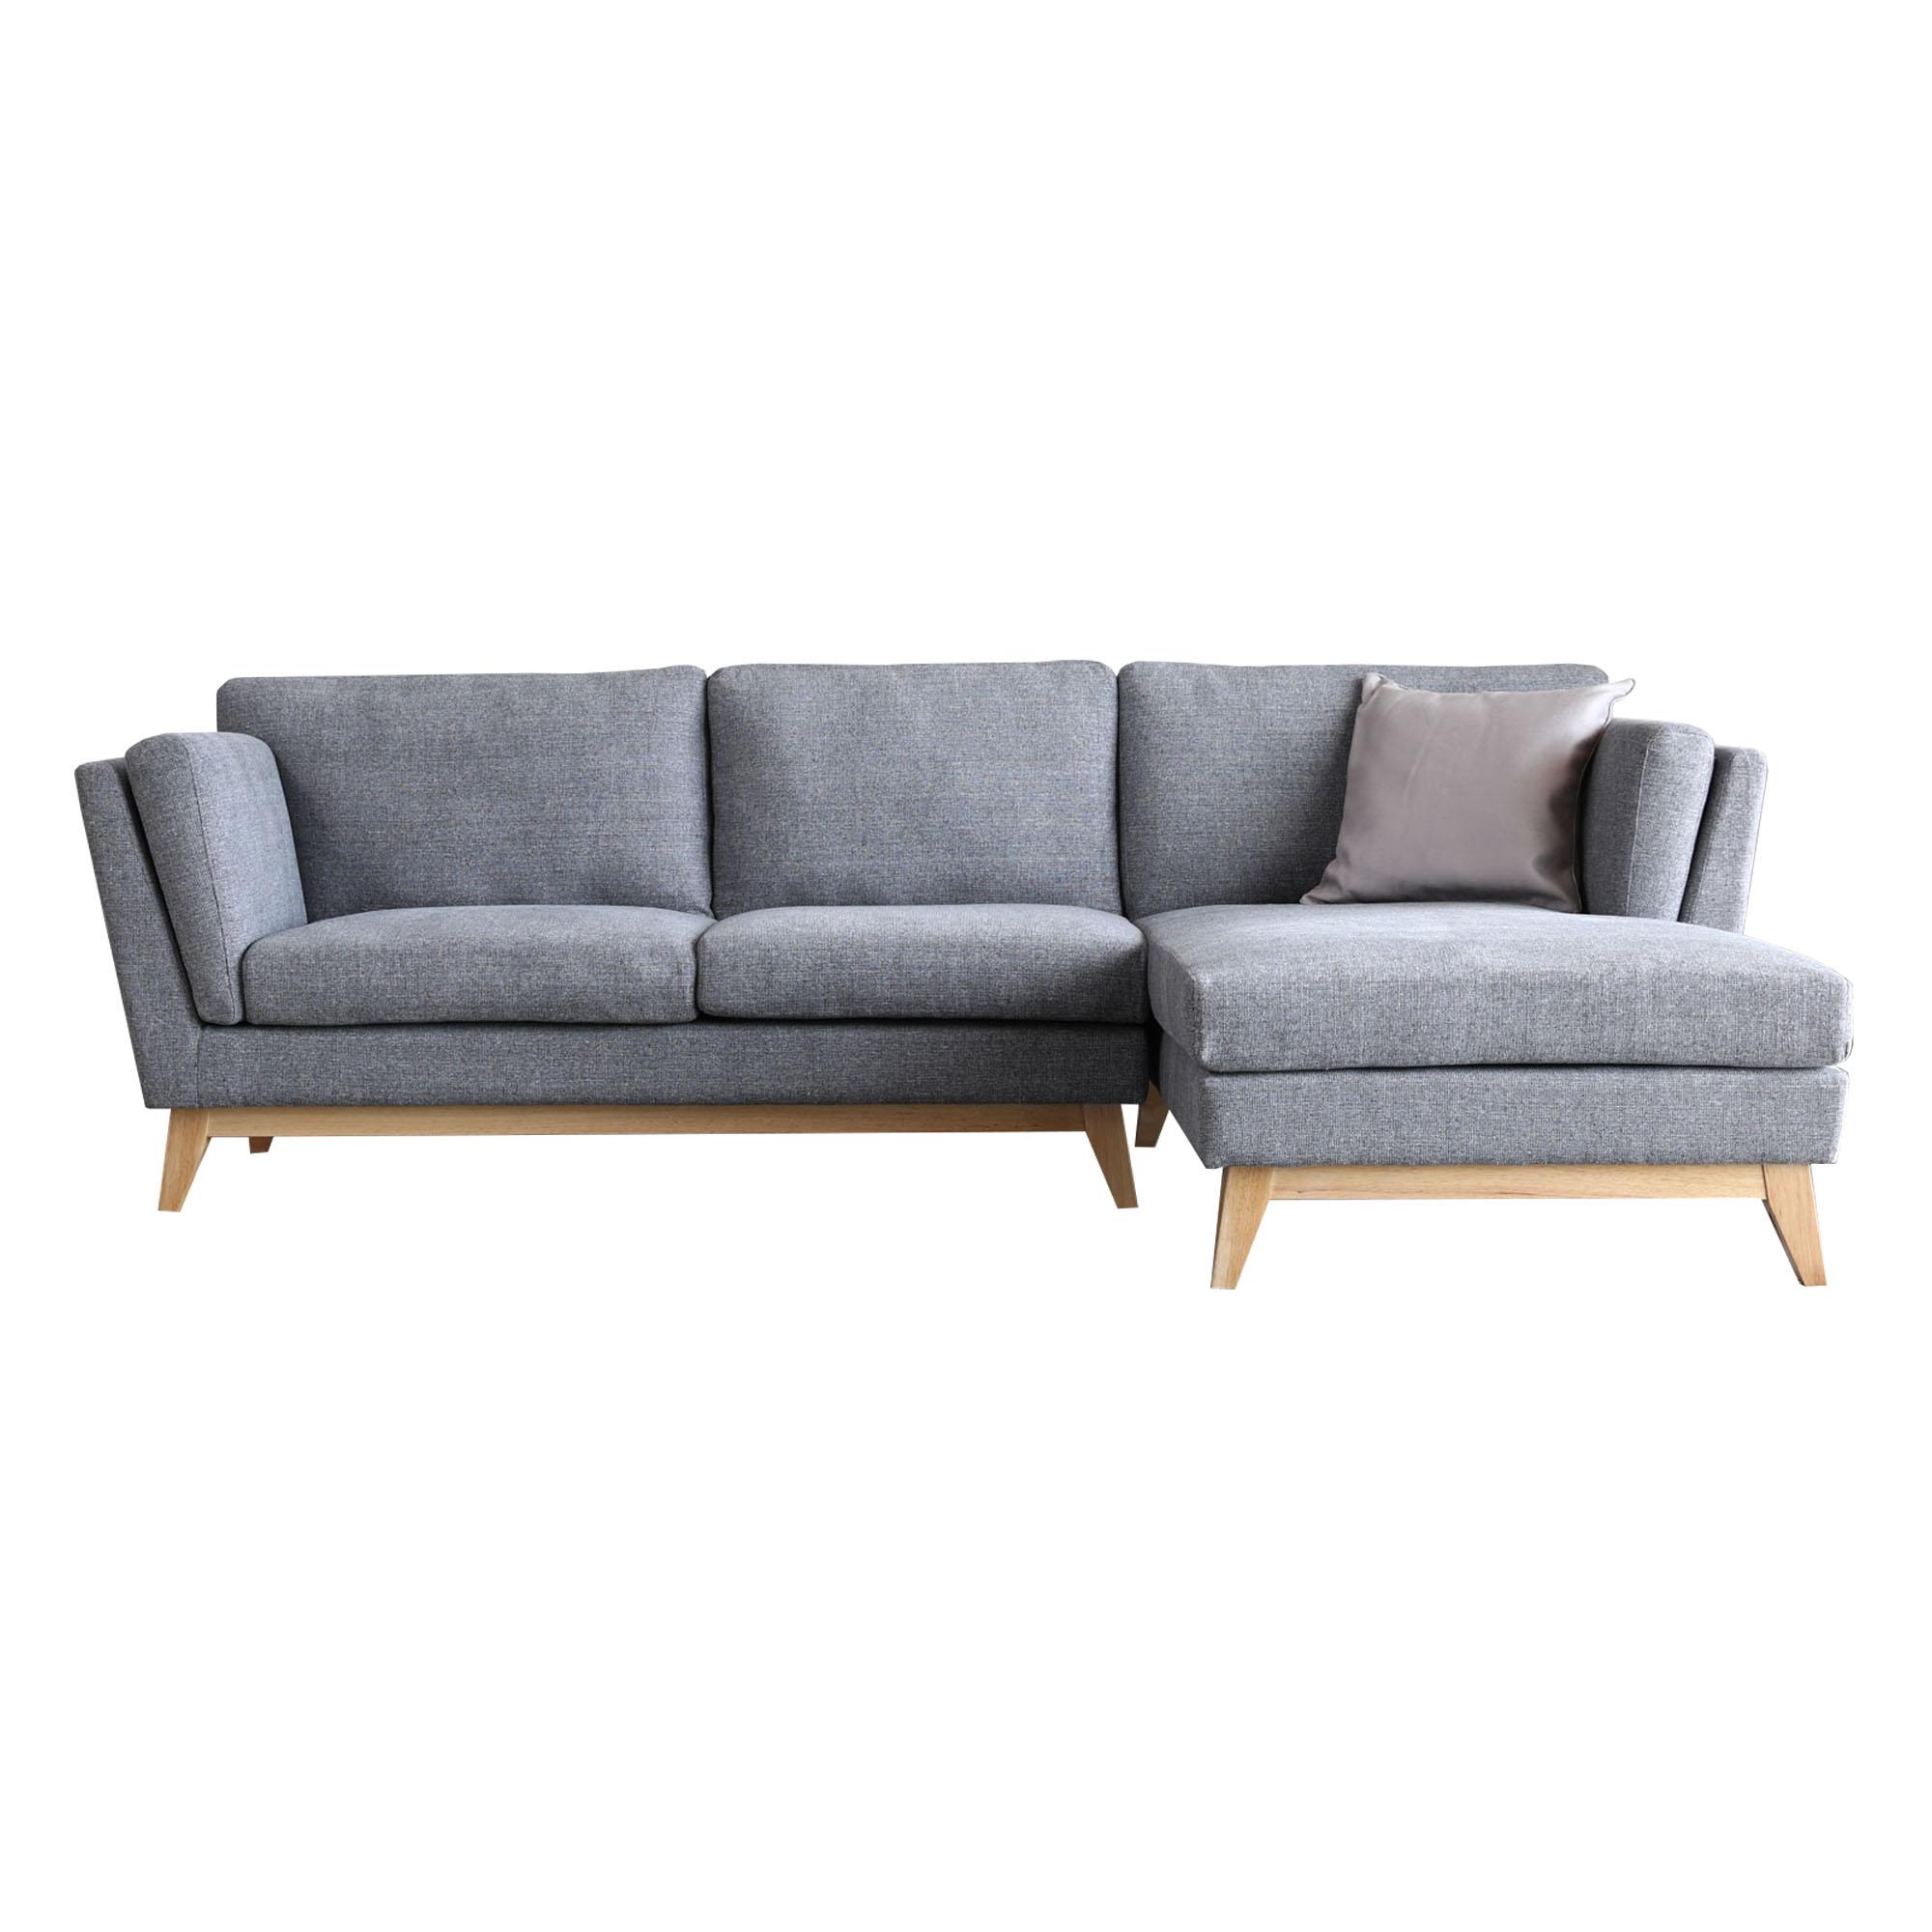 Canapé 3 places méridienne à droite et pieds bois gris clair